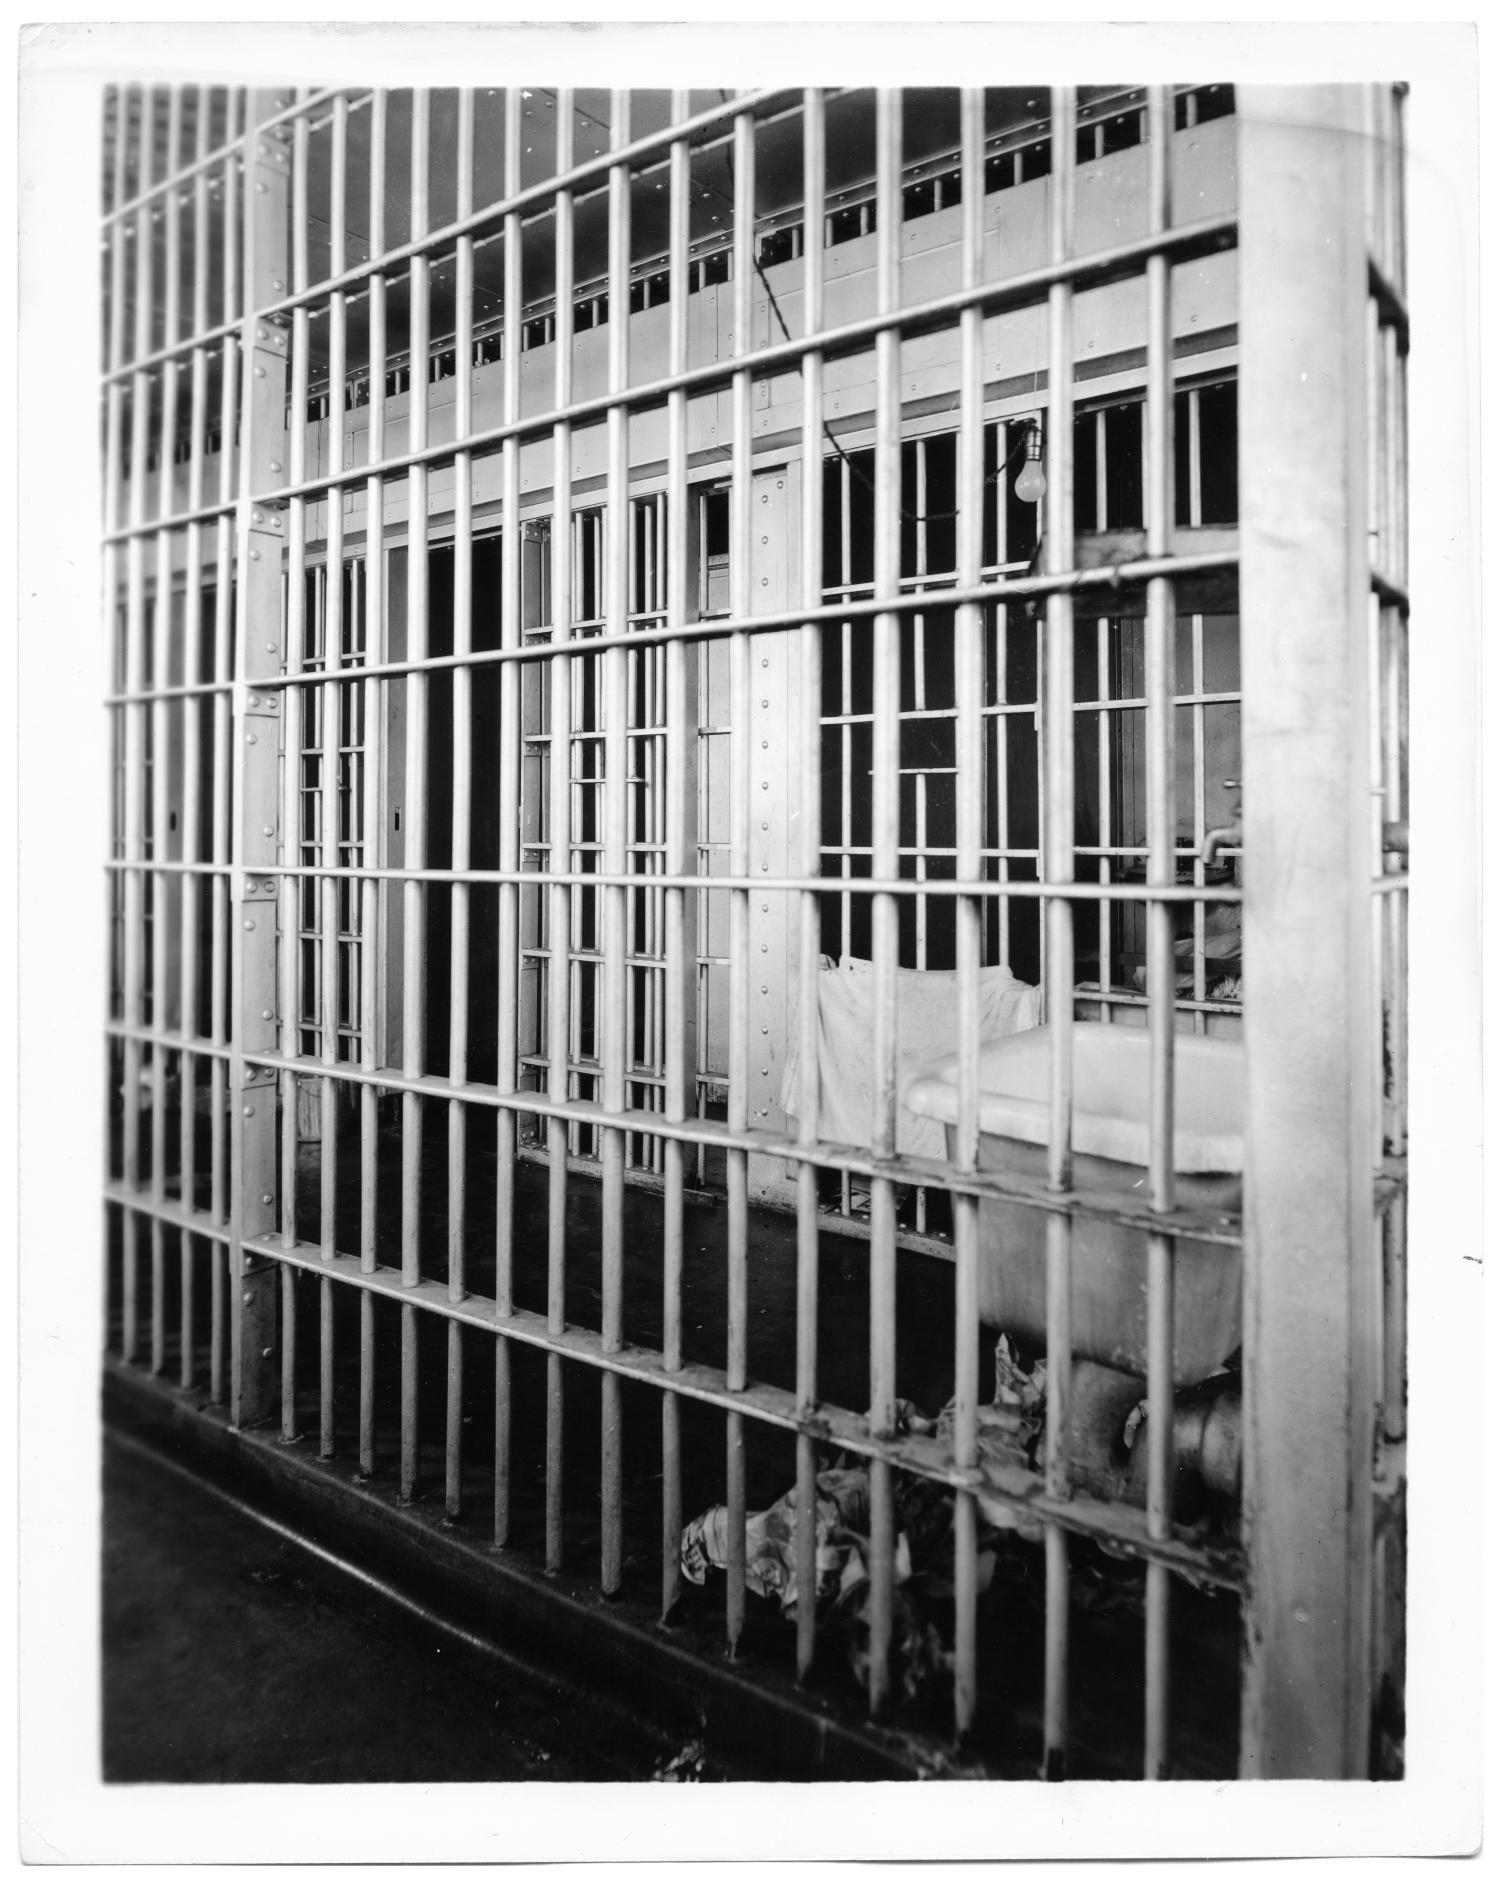 Free Dallas County Criminal Records | Search Dallas ...